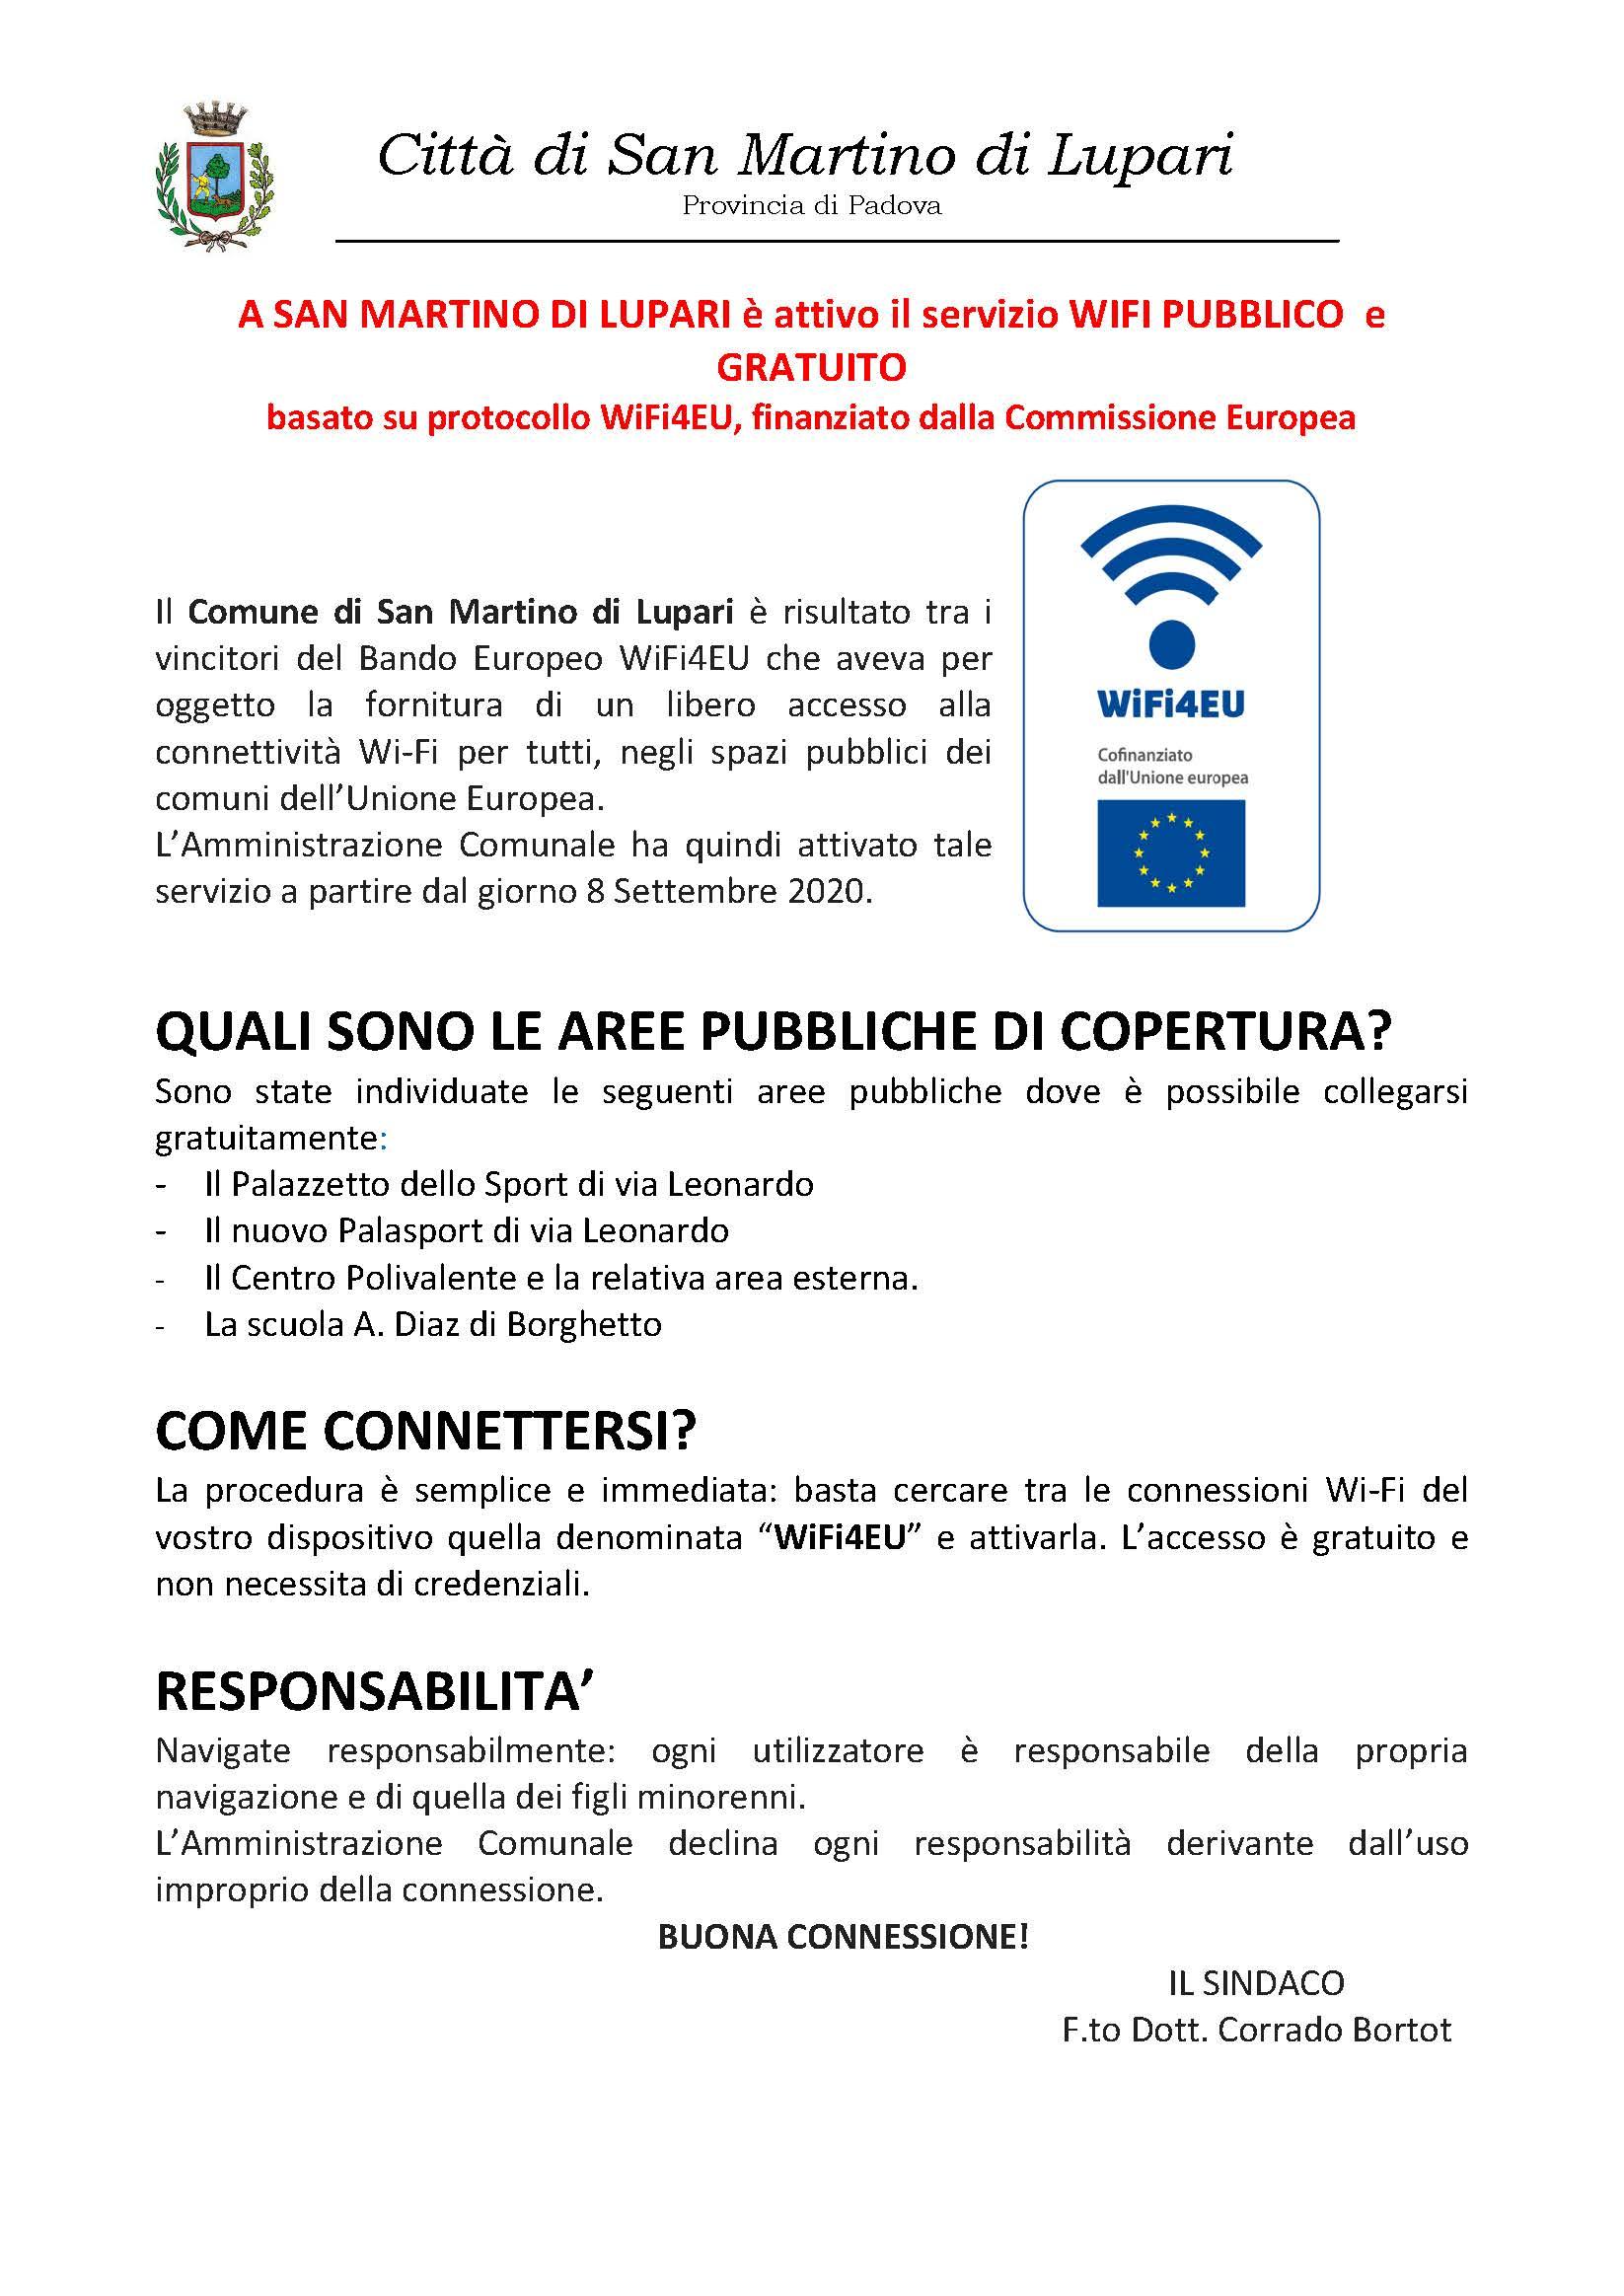 A SAN MARTINO DI LUPARI è attivo il servizio WIFI PUBBLICO  e GRATUITO basato su protocollo WiFi4EU, finanziato dalla Commissione Europea